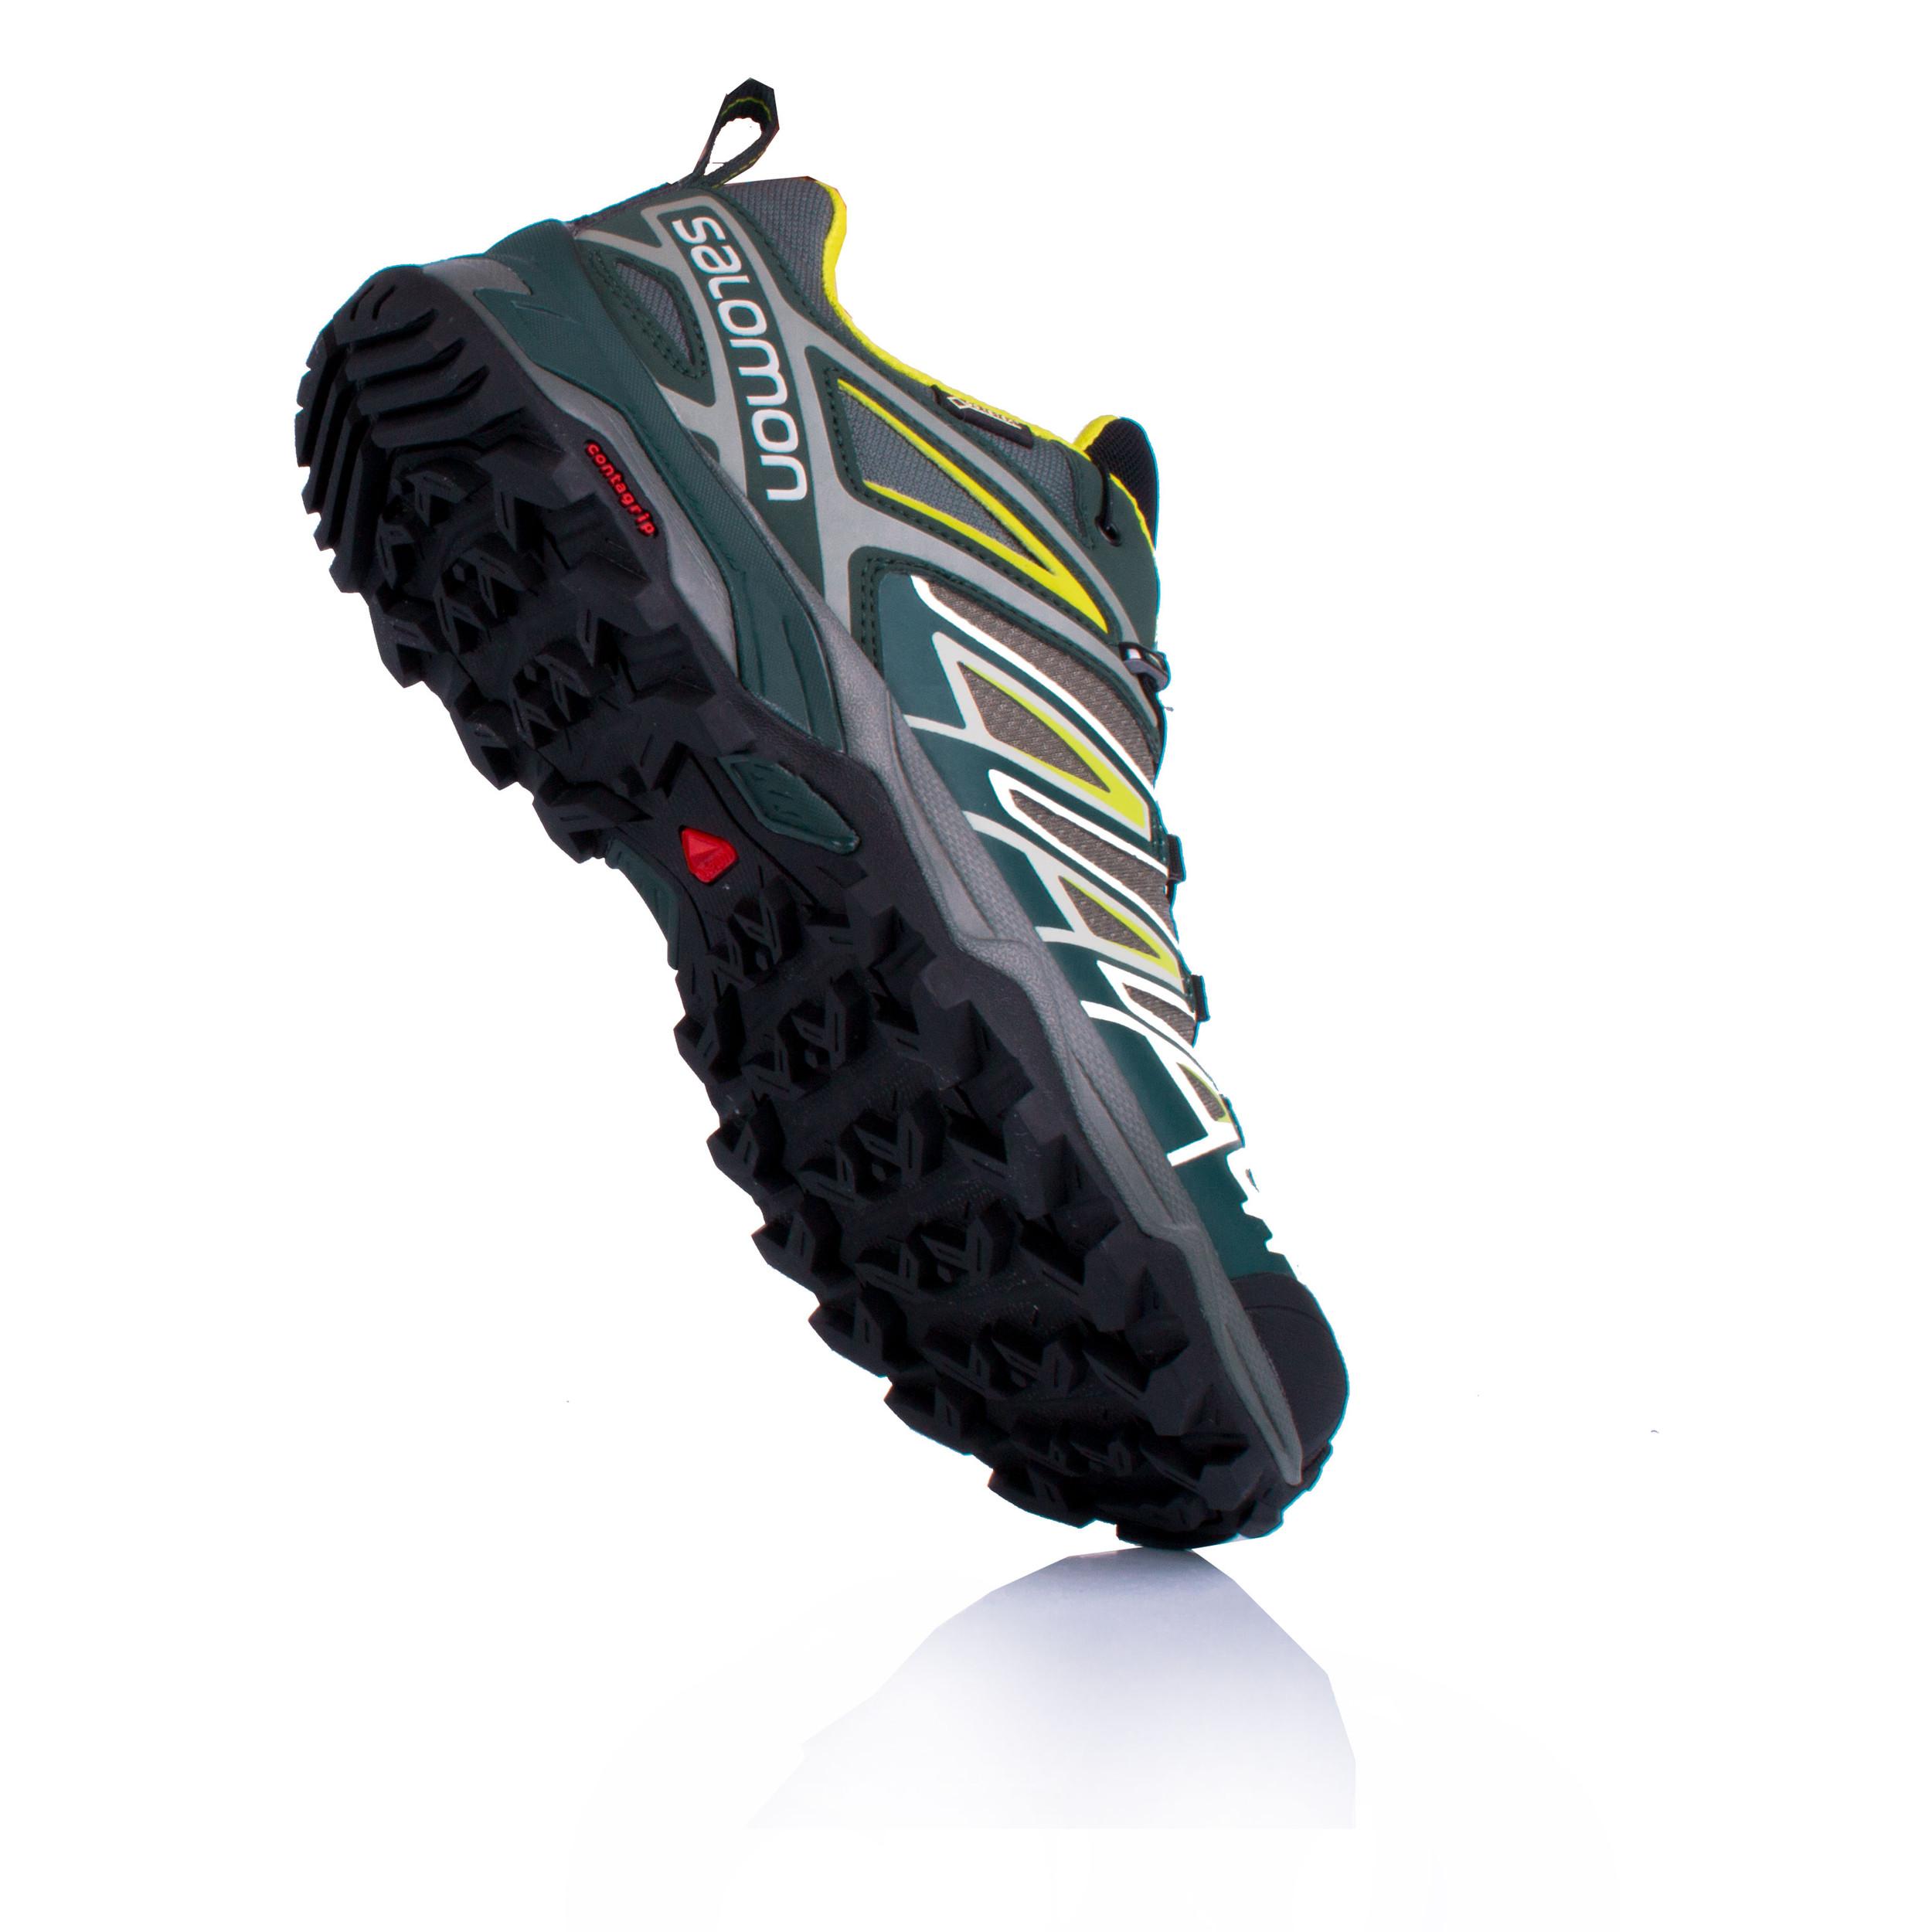 1e6a3874ef Dettagli su Salomon Uomo X Ultra 3 Scarpe da Trekking Gore-Tex Verde Giallo  Sport